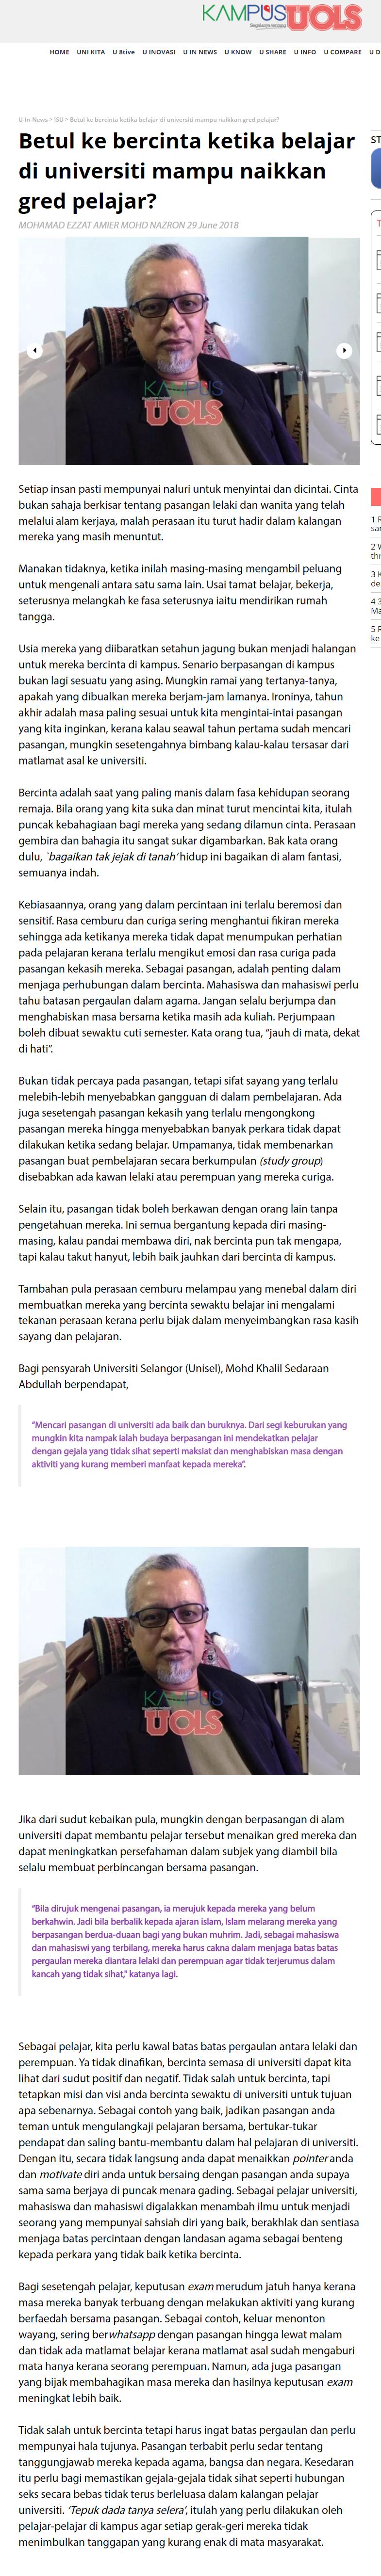 Kampusuols Sinar Harian Online - 29 Jun 2018